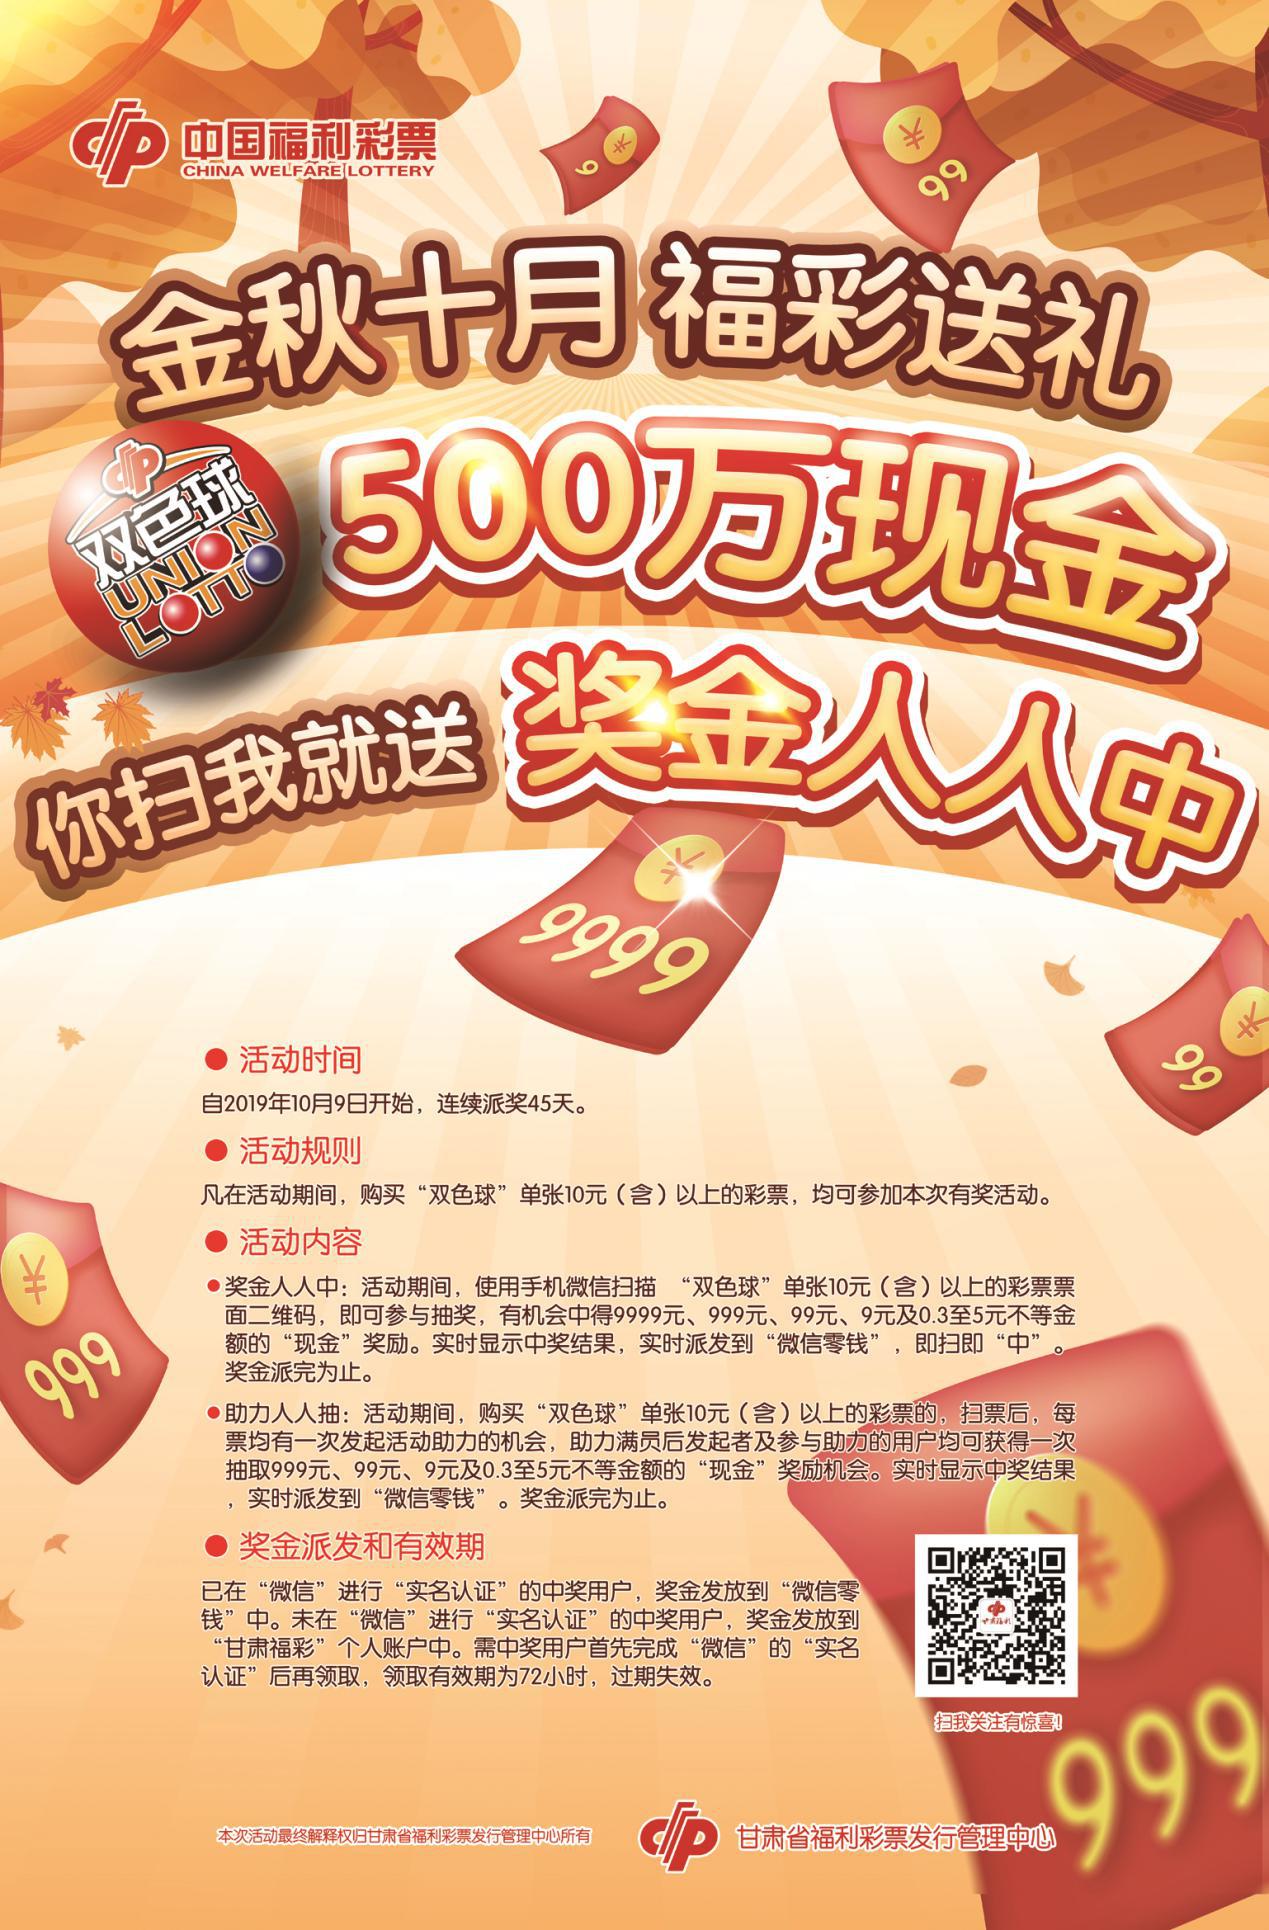 """金秋十月 福彩送礼 """"扫一扫 摇一摇"""" 双色球500万现金红包就属于你"""